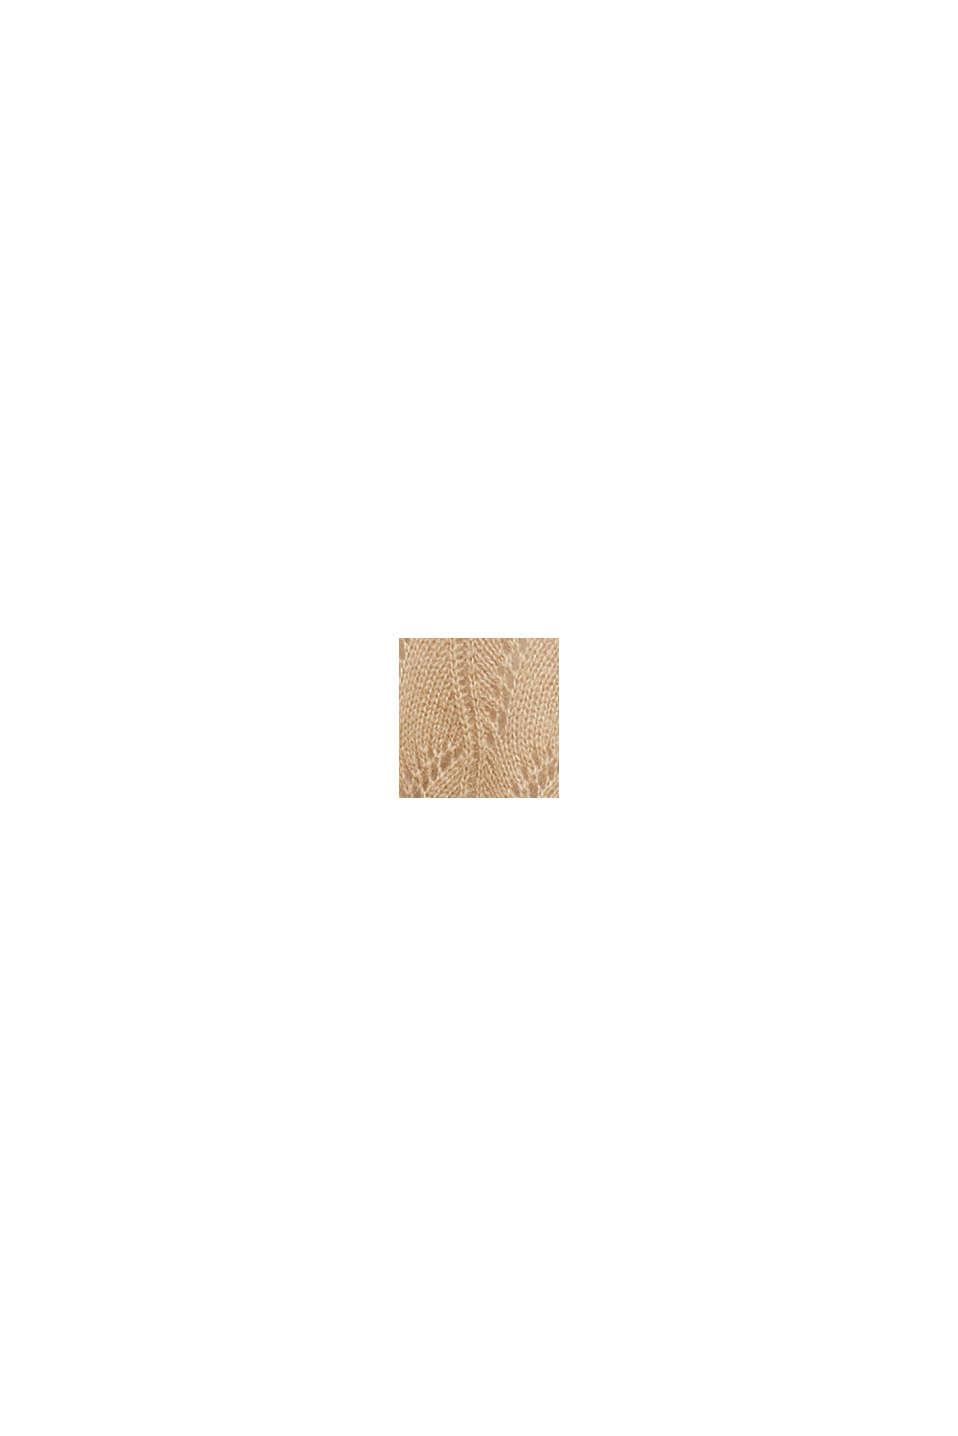 À teneur en laine et alpaga: pull-over ajouré, BEIGE, swatch